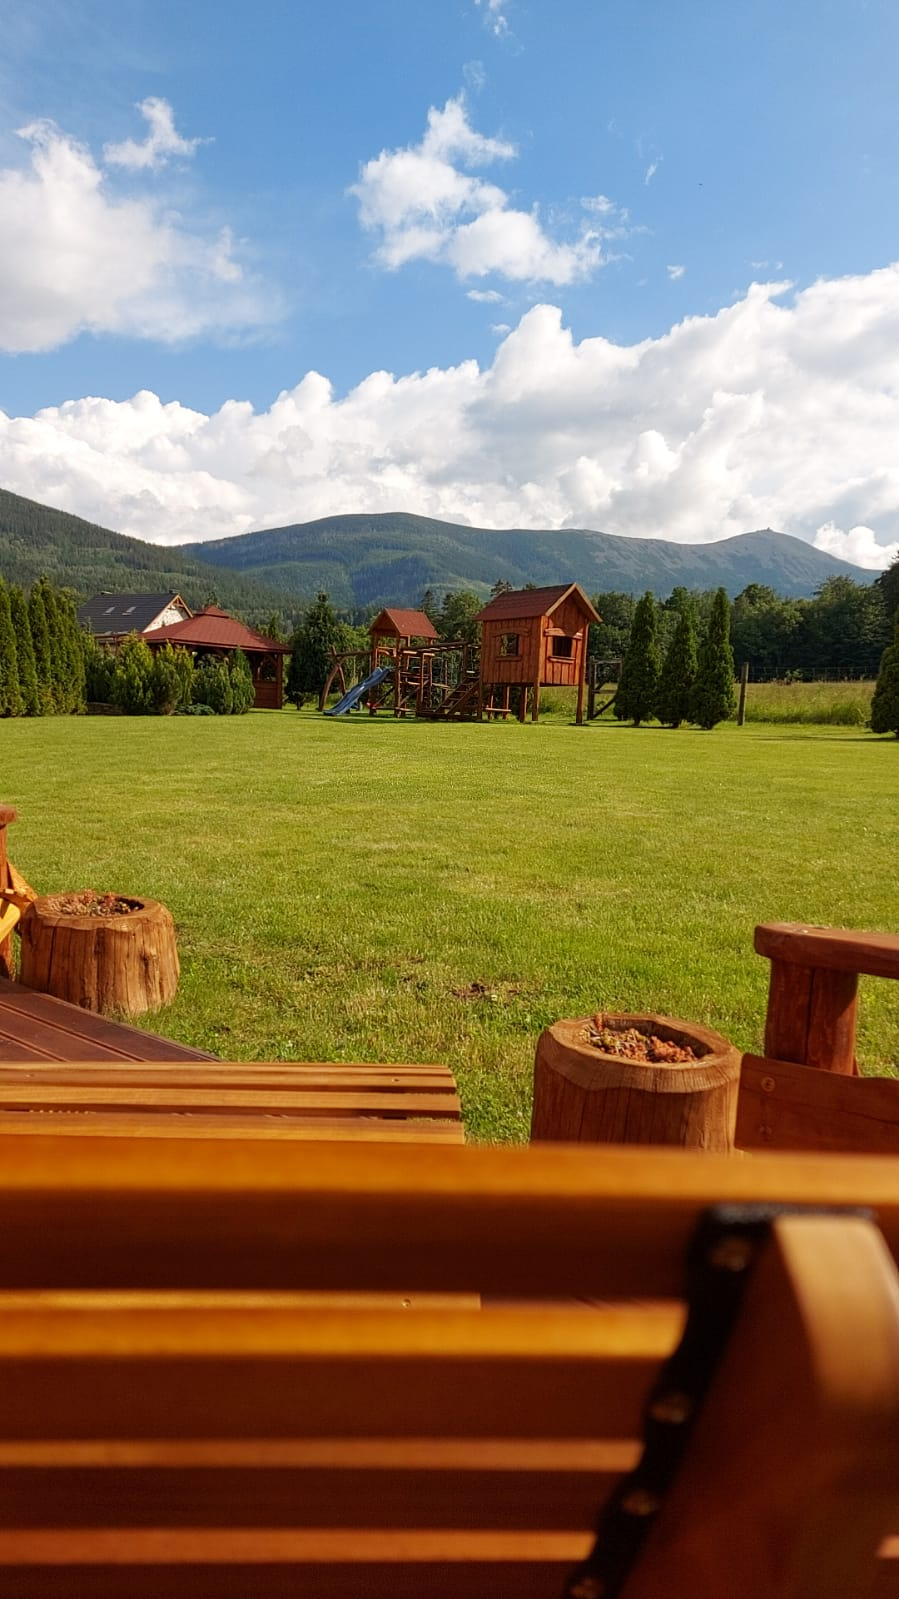 Domek wynajem Karkonosze, widok na góry